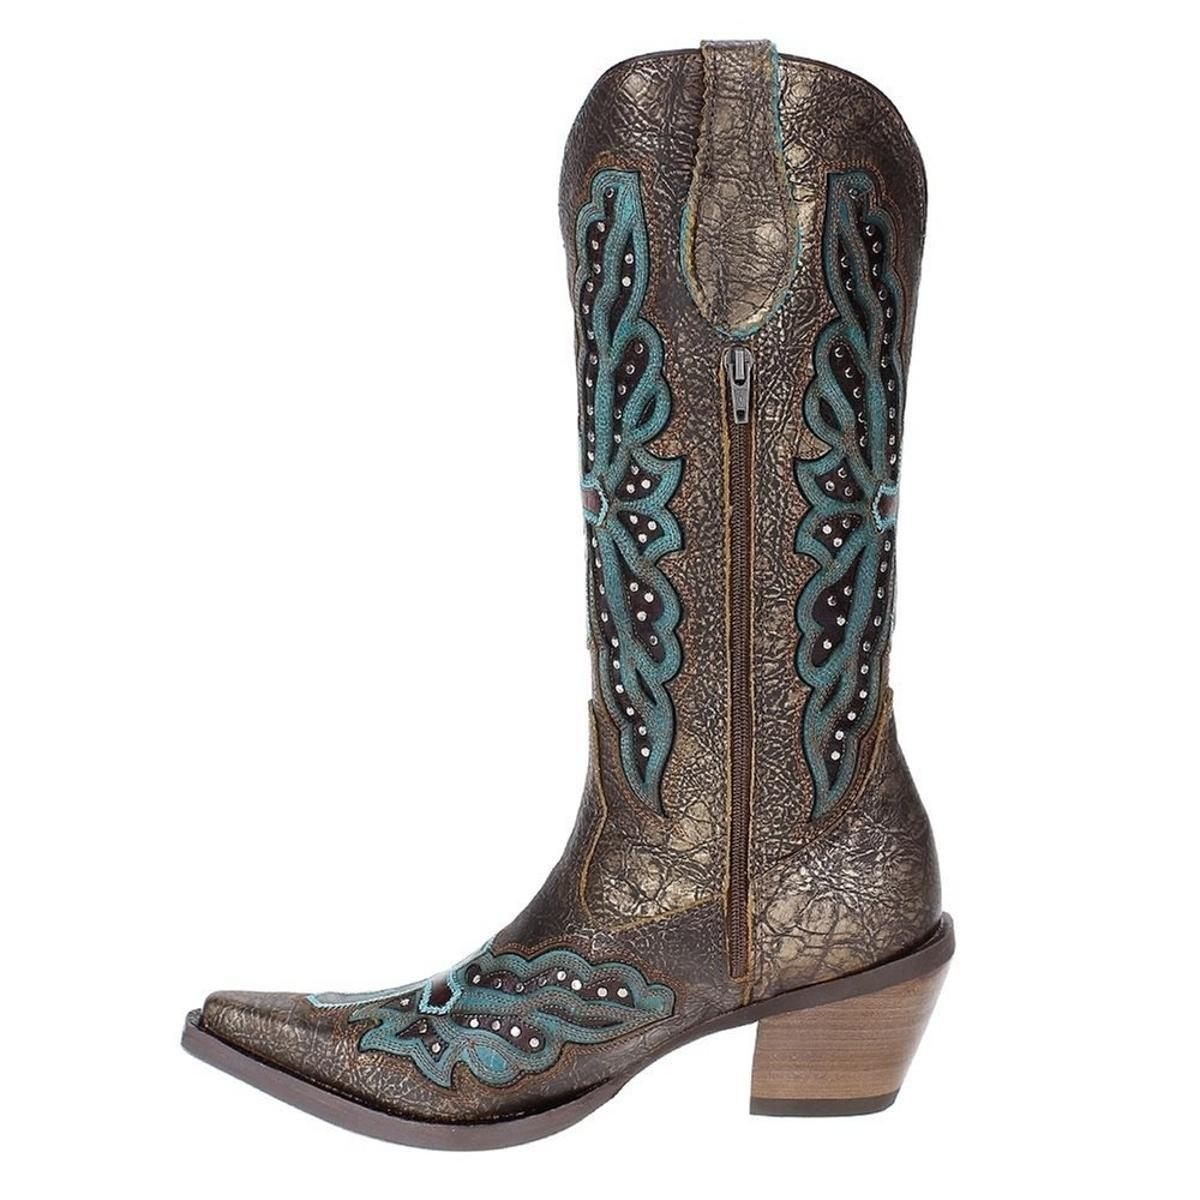 Bota Couro Texana Cano Longo Feminina - Compre Agora  25509279367